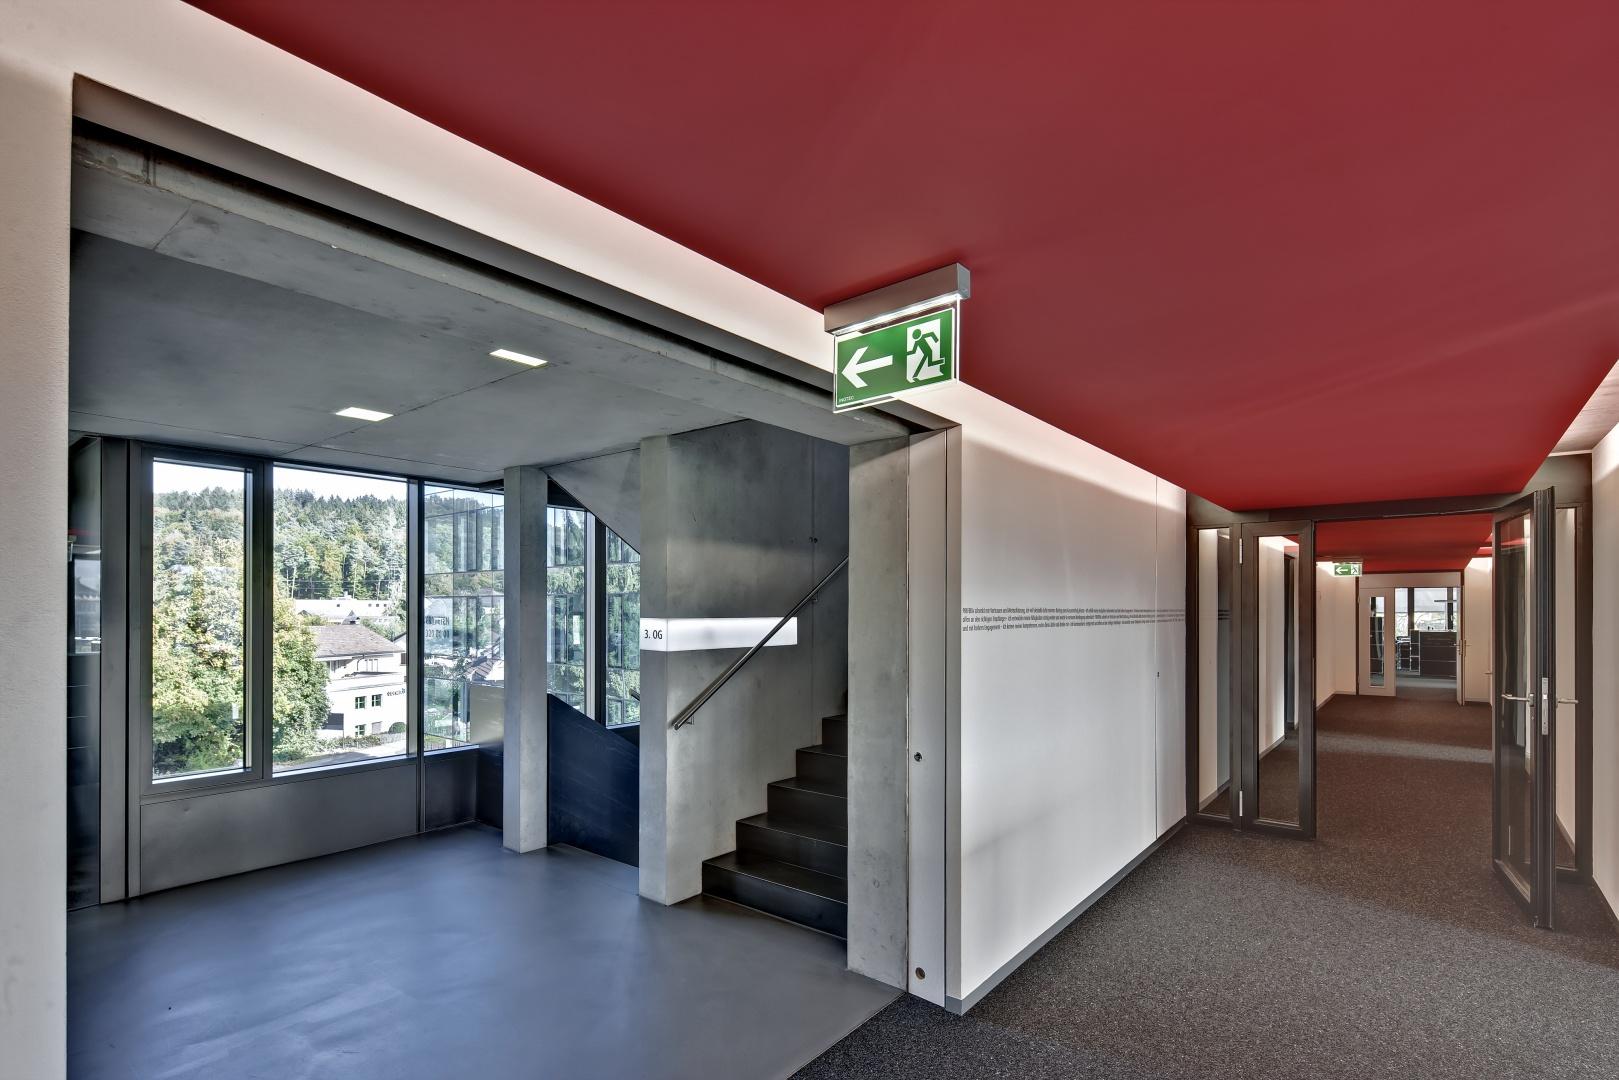 Treppenhaus und Gang im Neubau © RENÉ DÜRR ARCHITEKTURFOTOGRAFIE, SCHWANDENHOLZSTRASSE 228, 8046 ZÜRICH